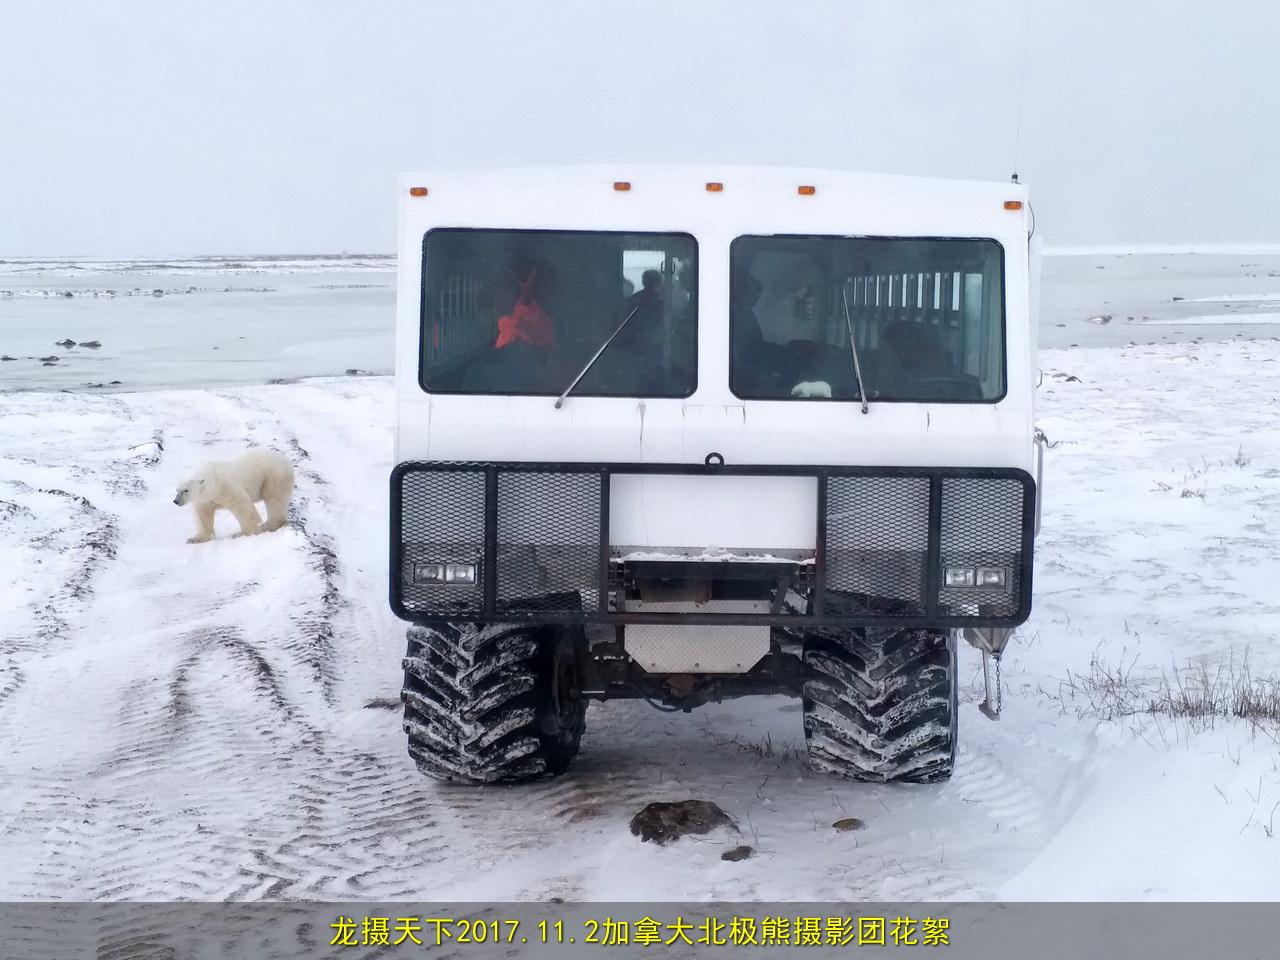 2017.11.2加拿大北极熊摄影团花絮